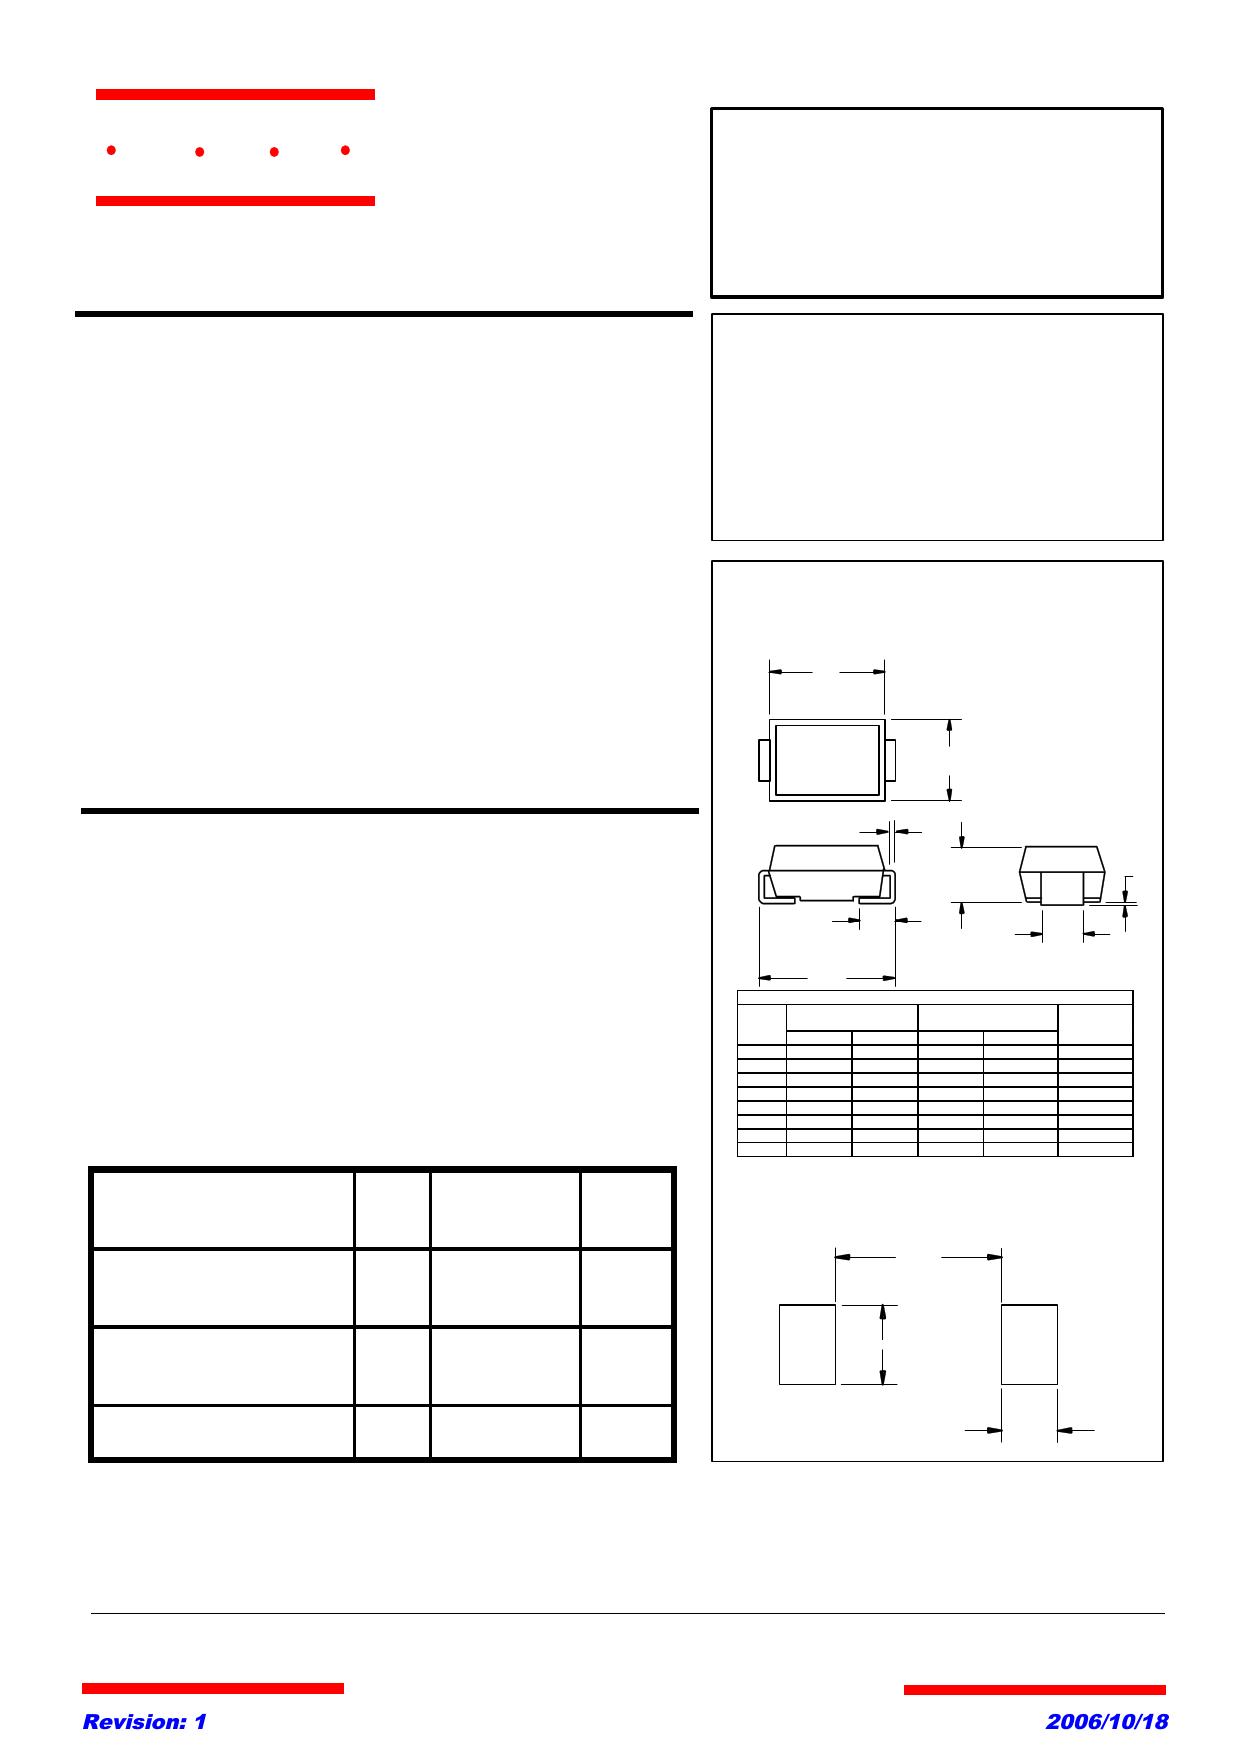 5.0SMLJ15A datasheet